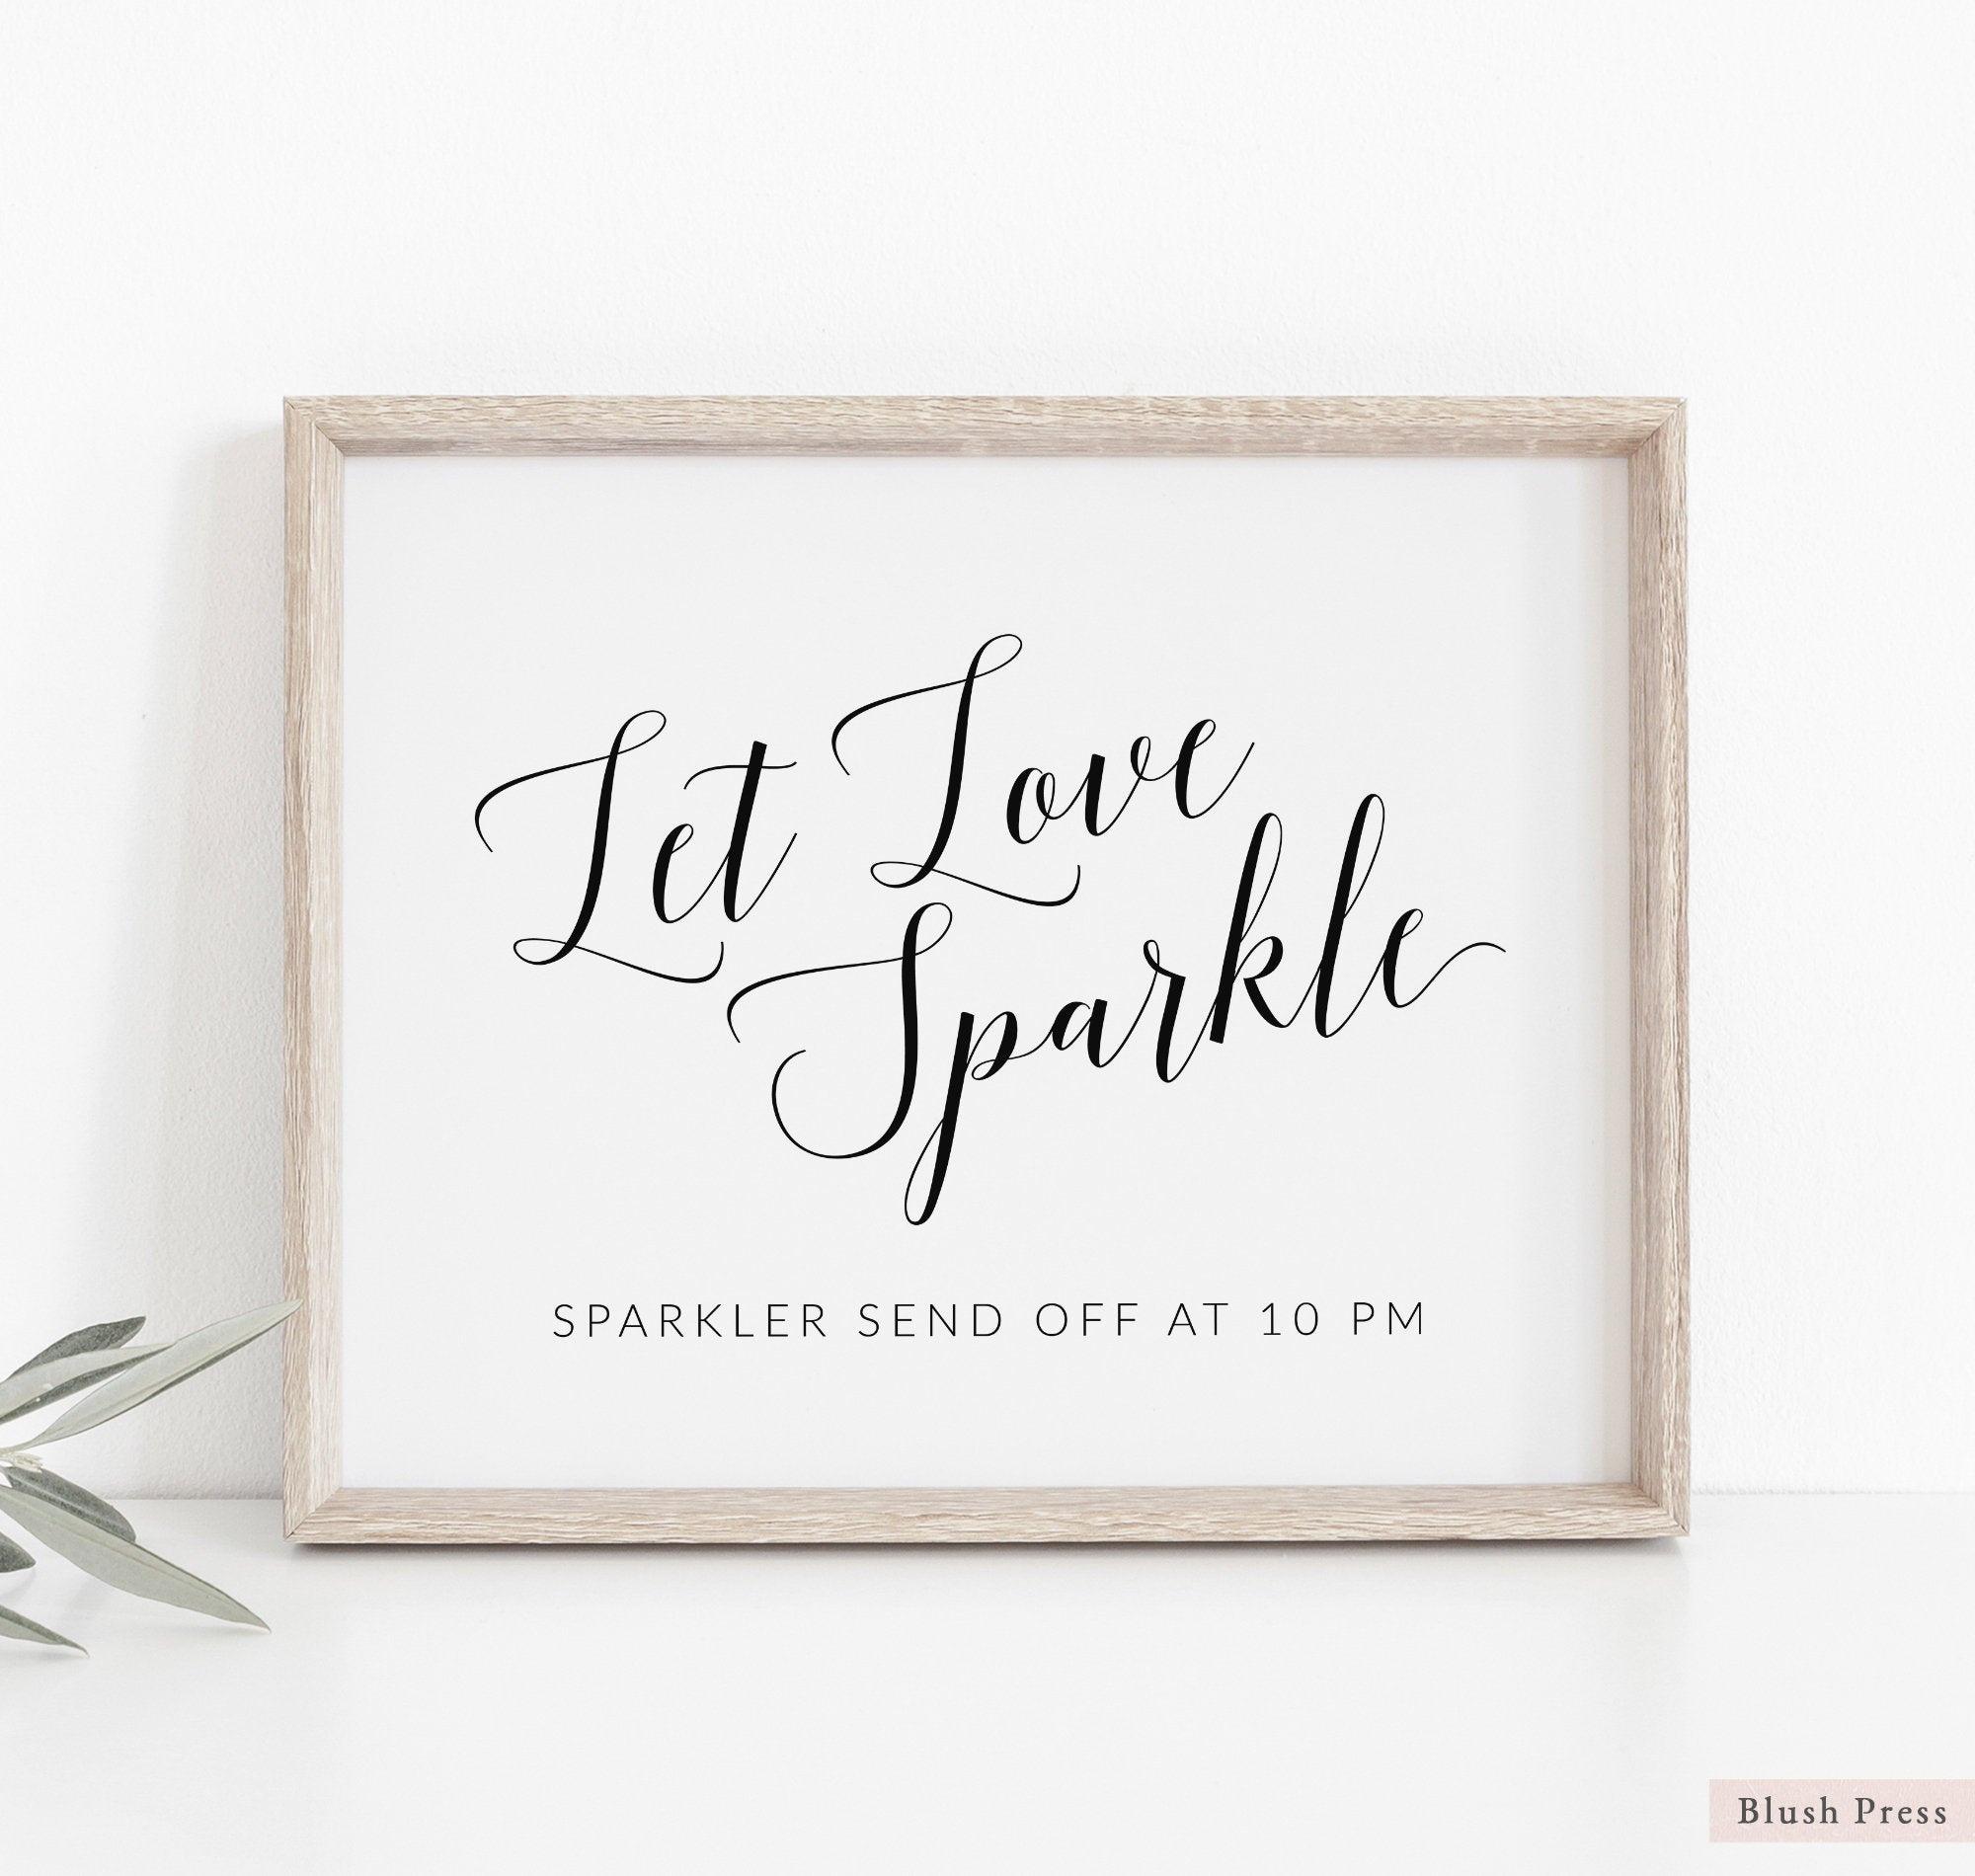 Wedding Sparkler Send Off Sign Template Printable Wedding Let | Etsy - Free Printable Wedding Sparkler Sign